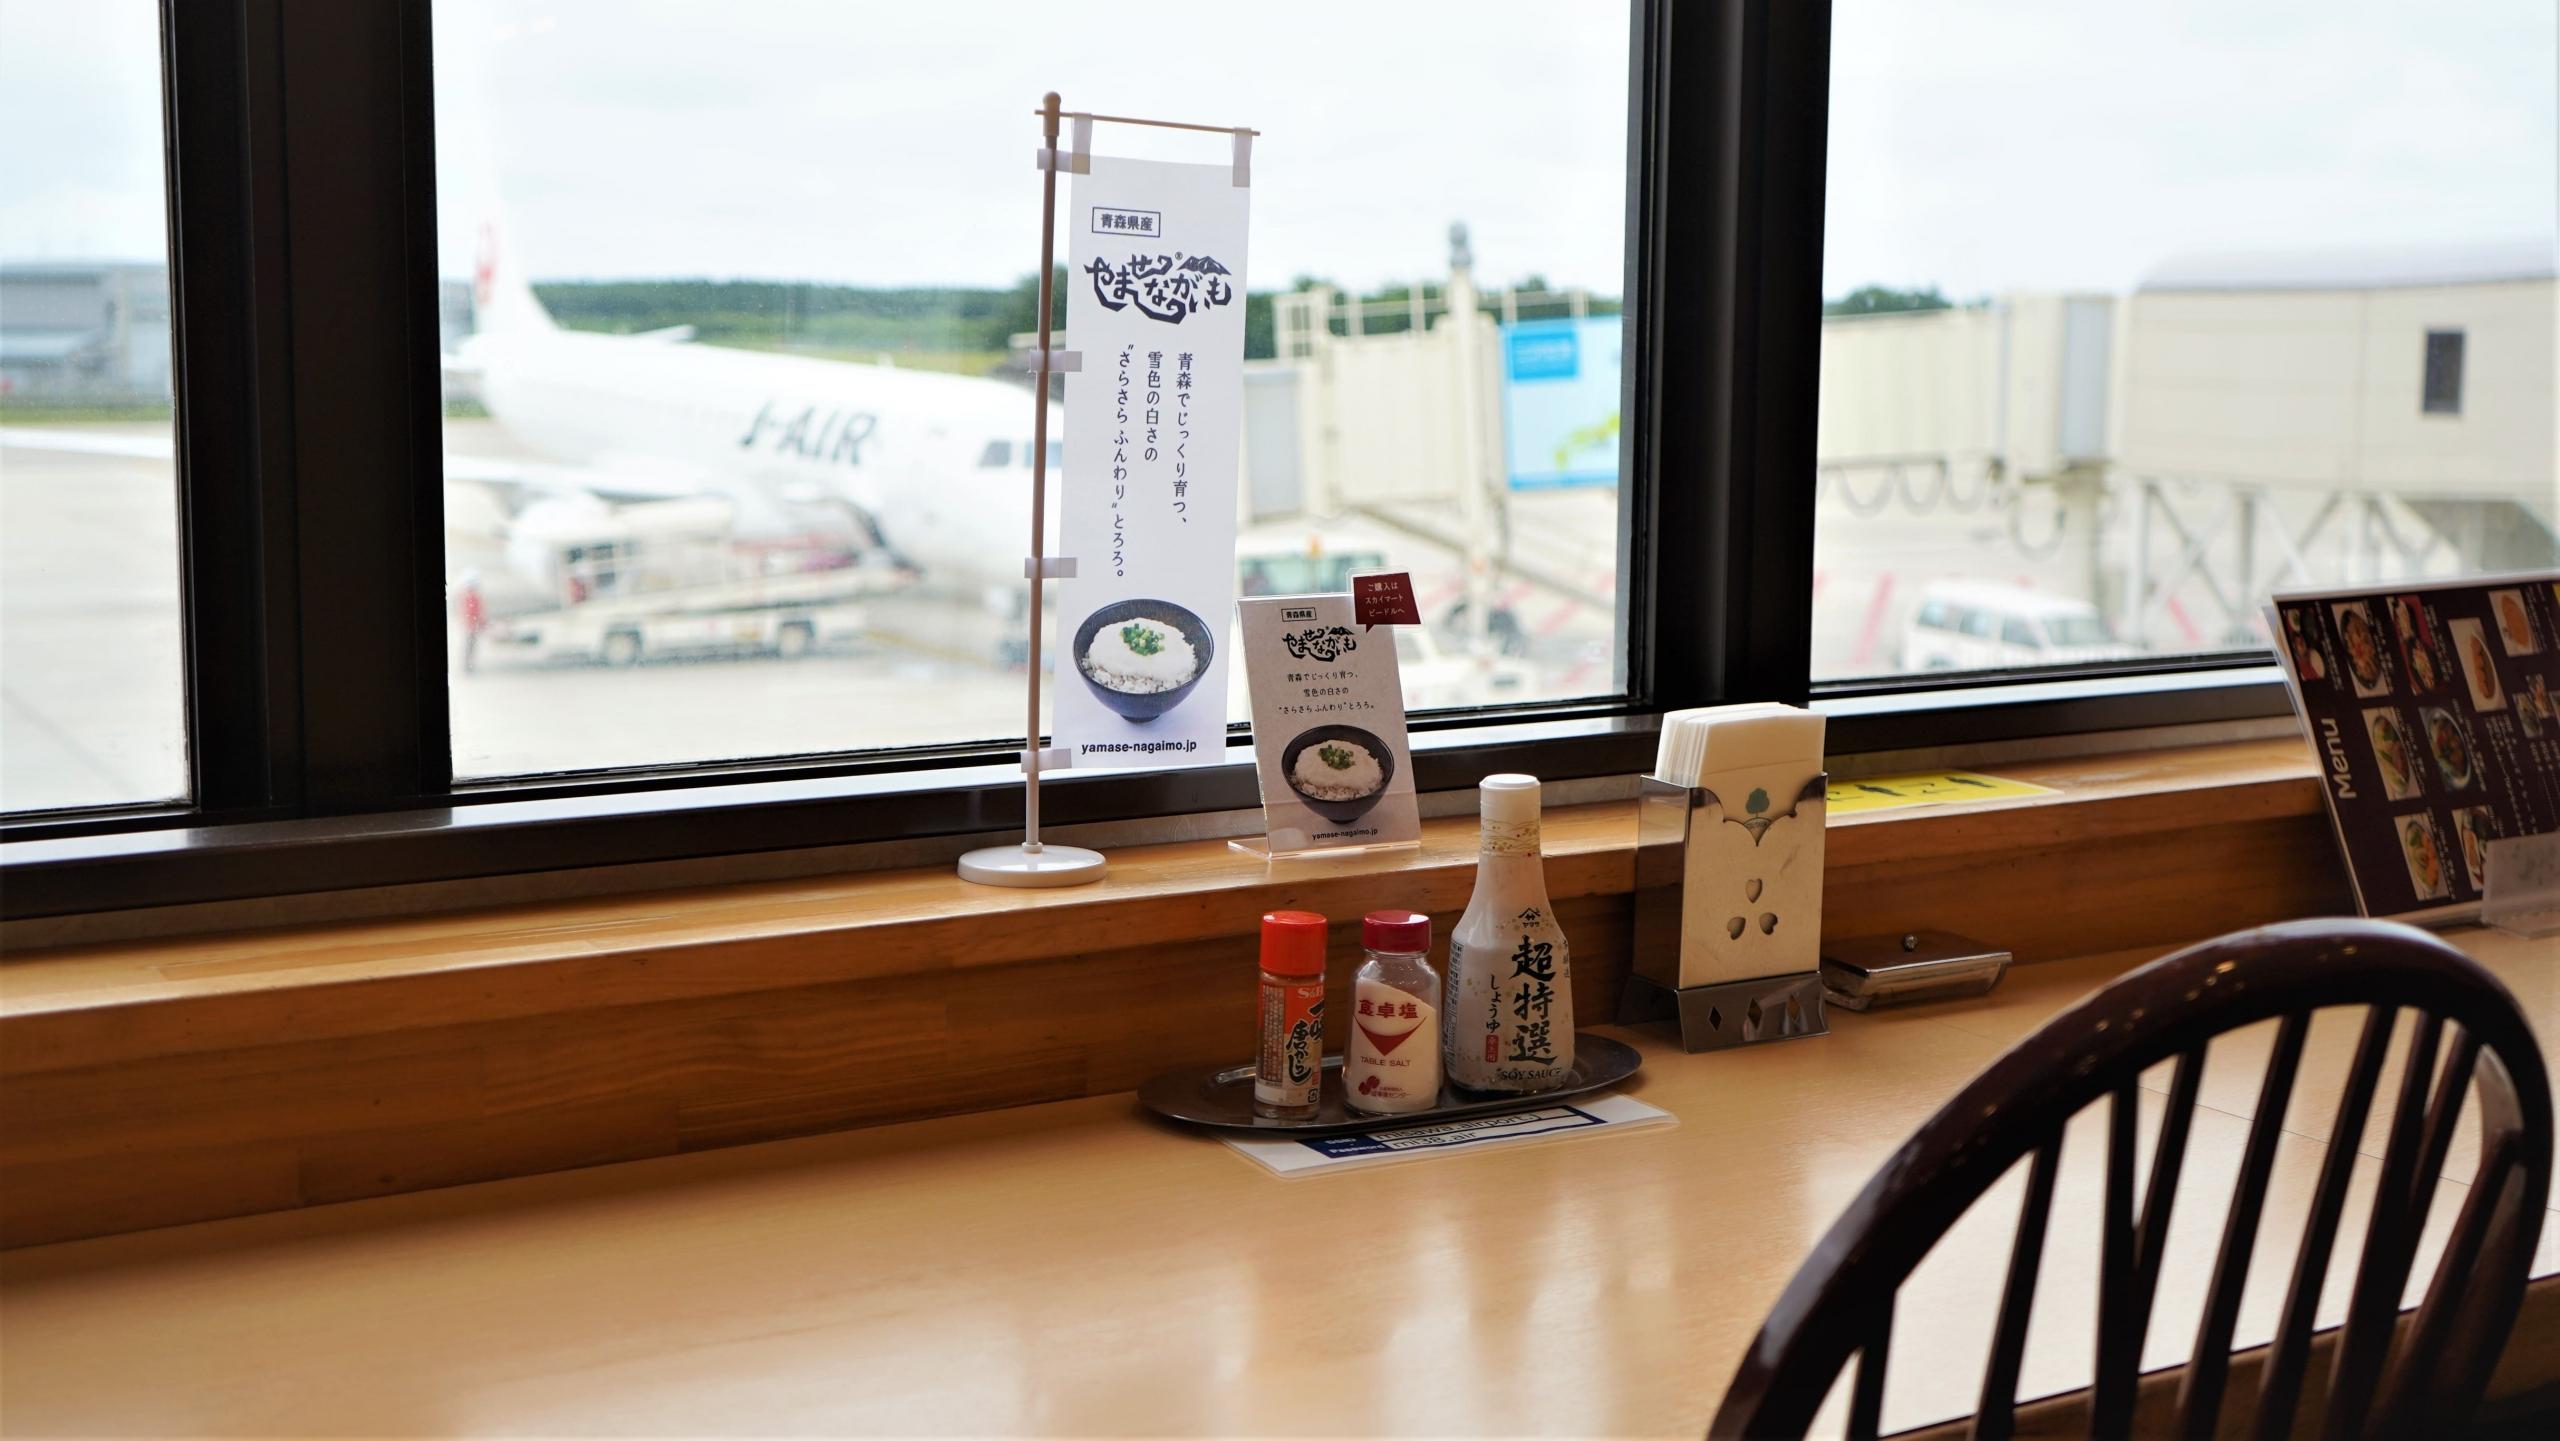 やませながいも 取扱店 レストラン三沢空港 飛行機